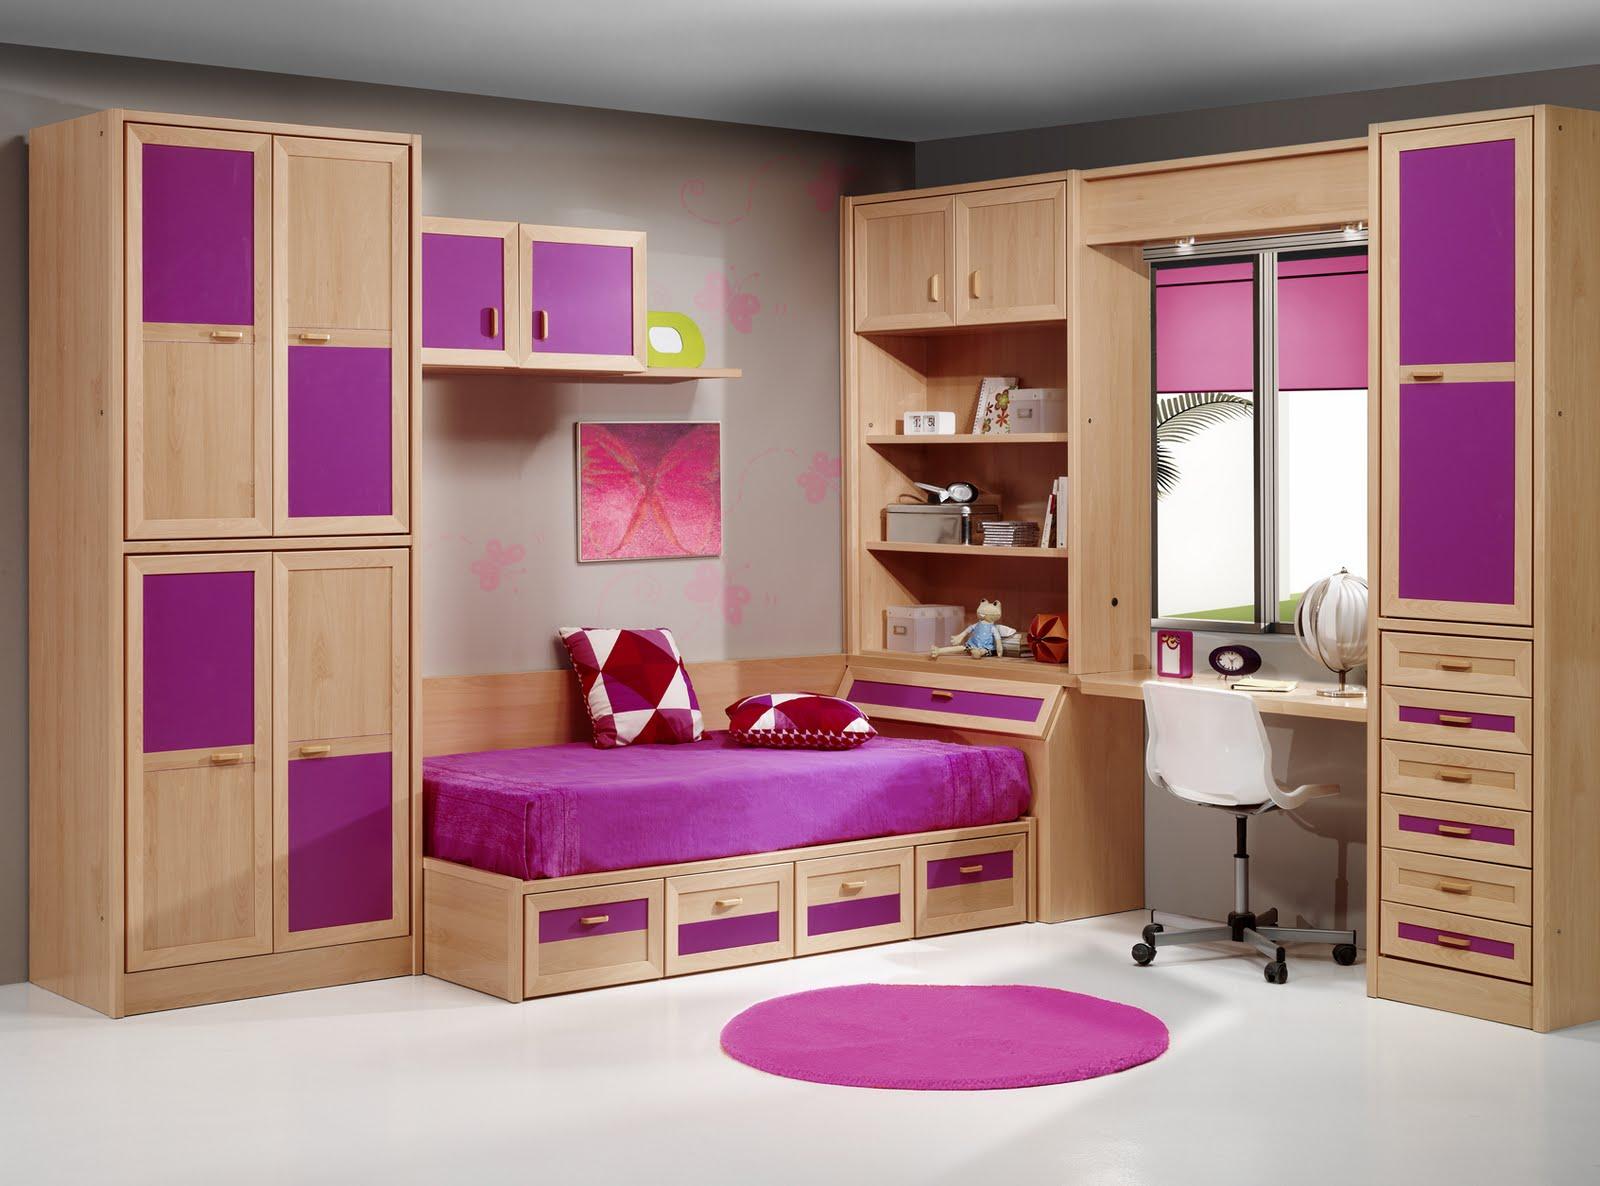 Muebles eduardo tallero dormitorio juvenil con molduras for Muebles acedo almendralejo